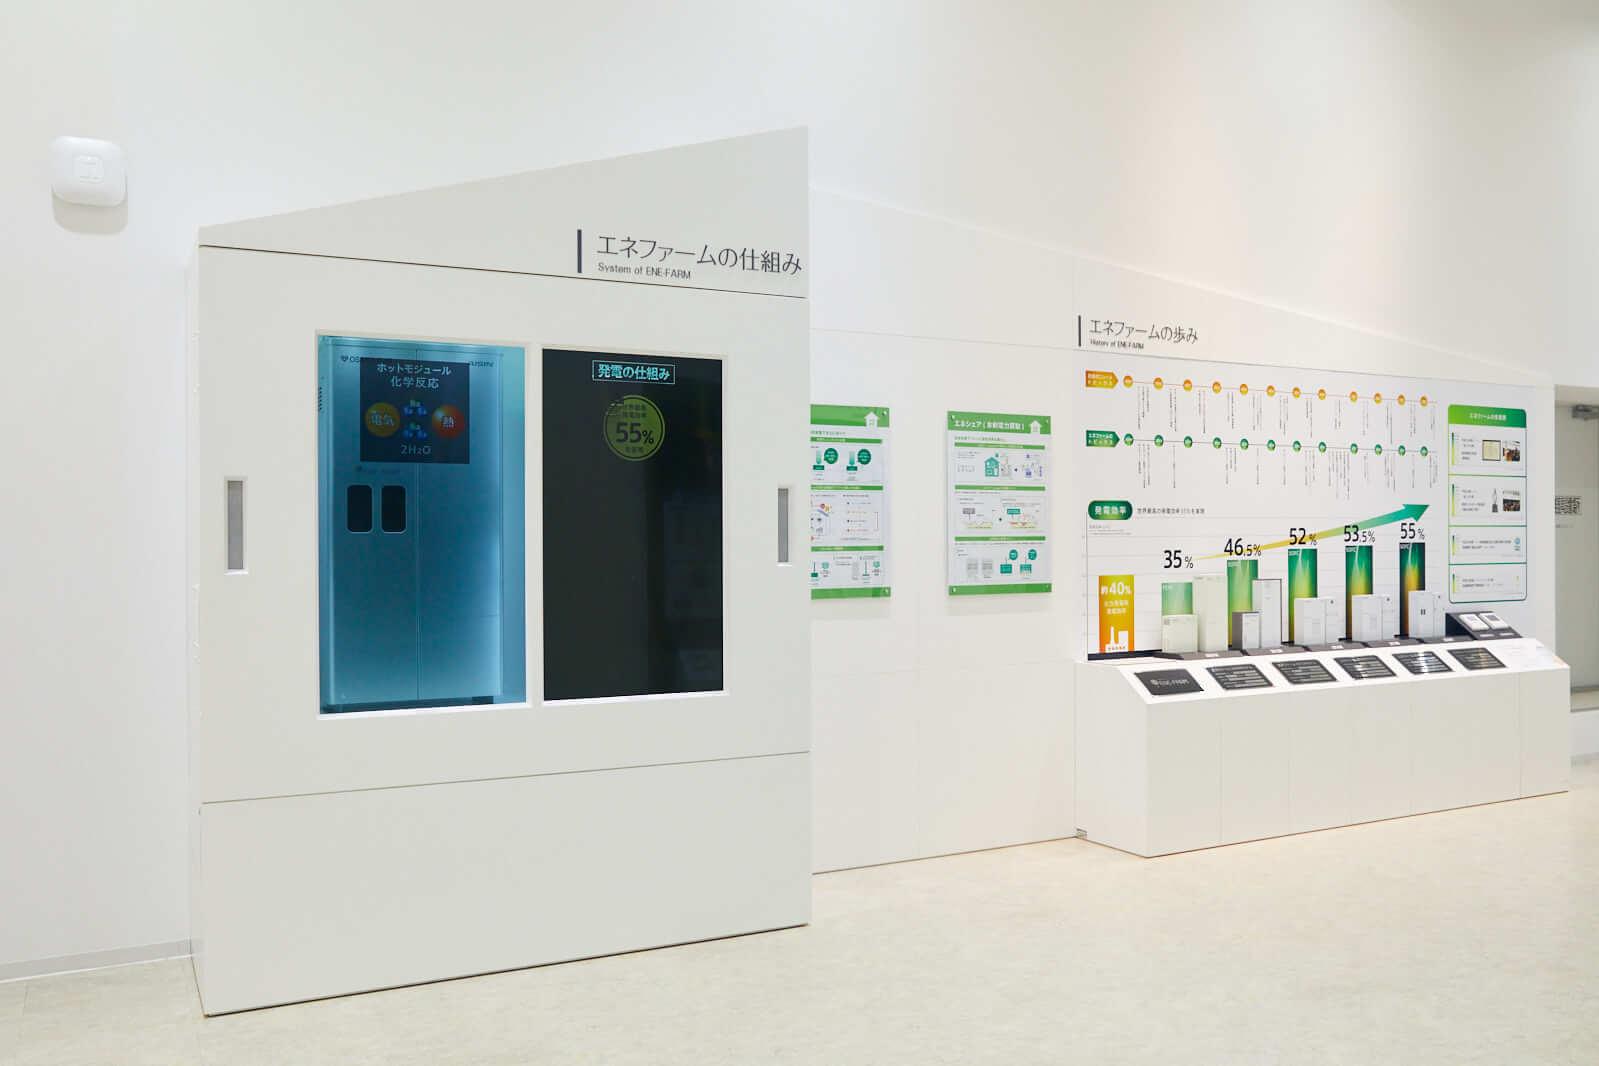 エネファームとは 大阪ガス ハグミュージアム